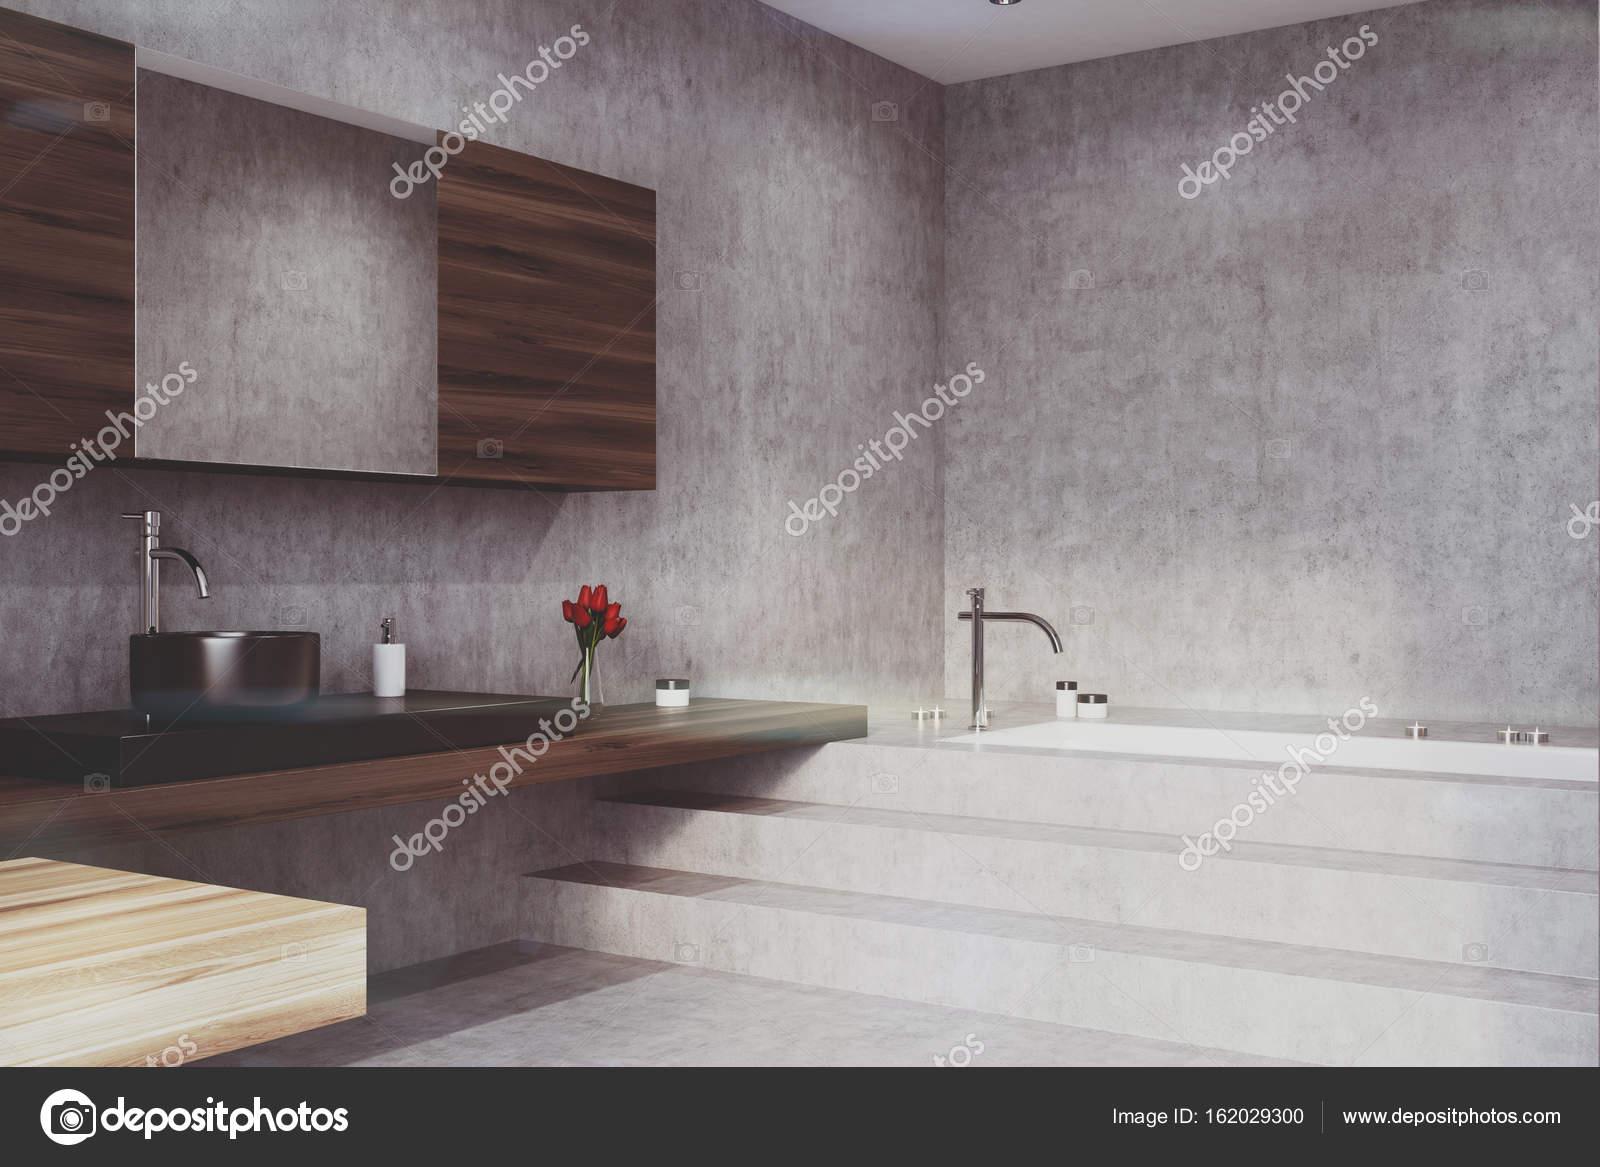 Calcestruzzo di bagno vasca e lavabo angolo tonica u foto stock